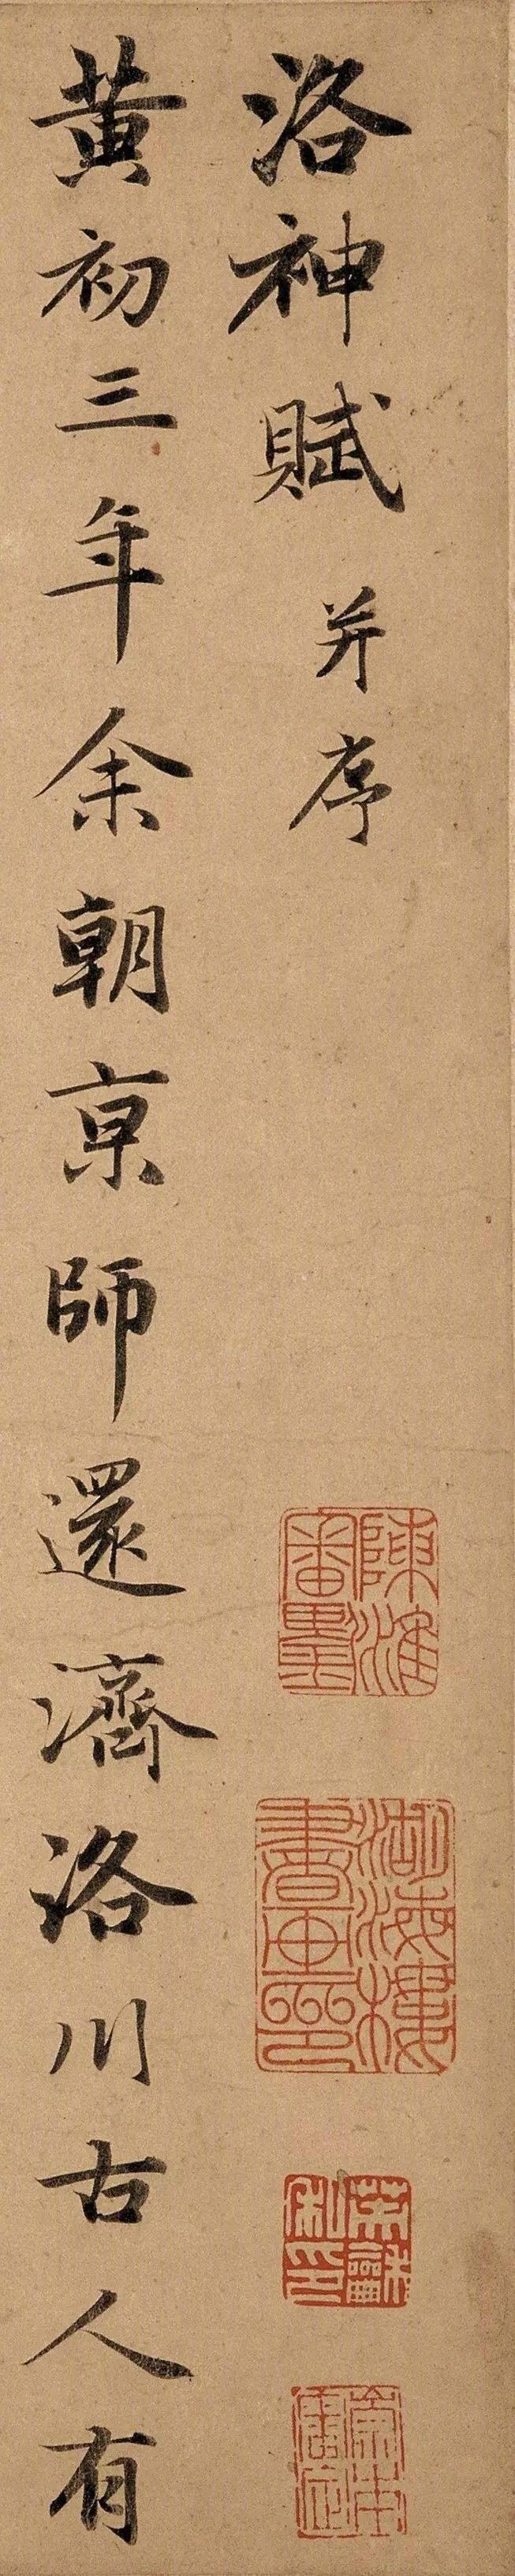 元代赵孟頫书法长卷《洛神赋》,书于1308年前后。纸本,行书